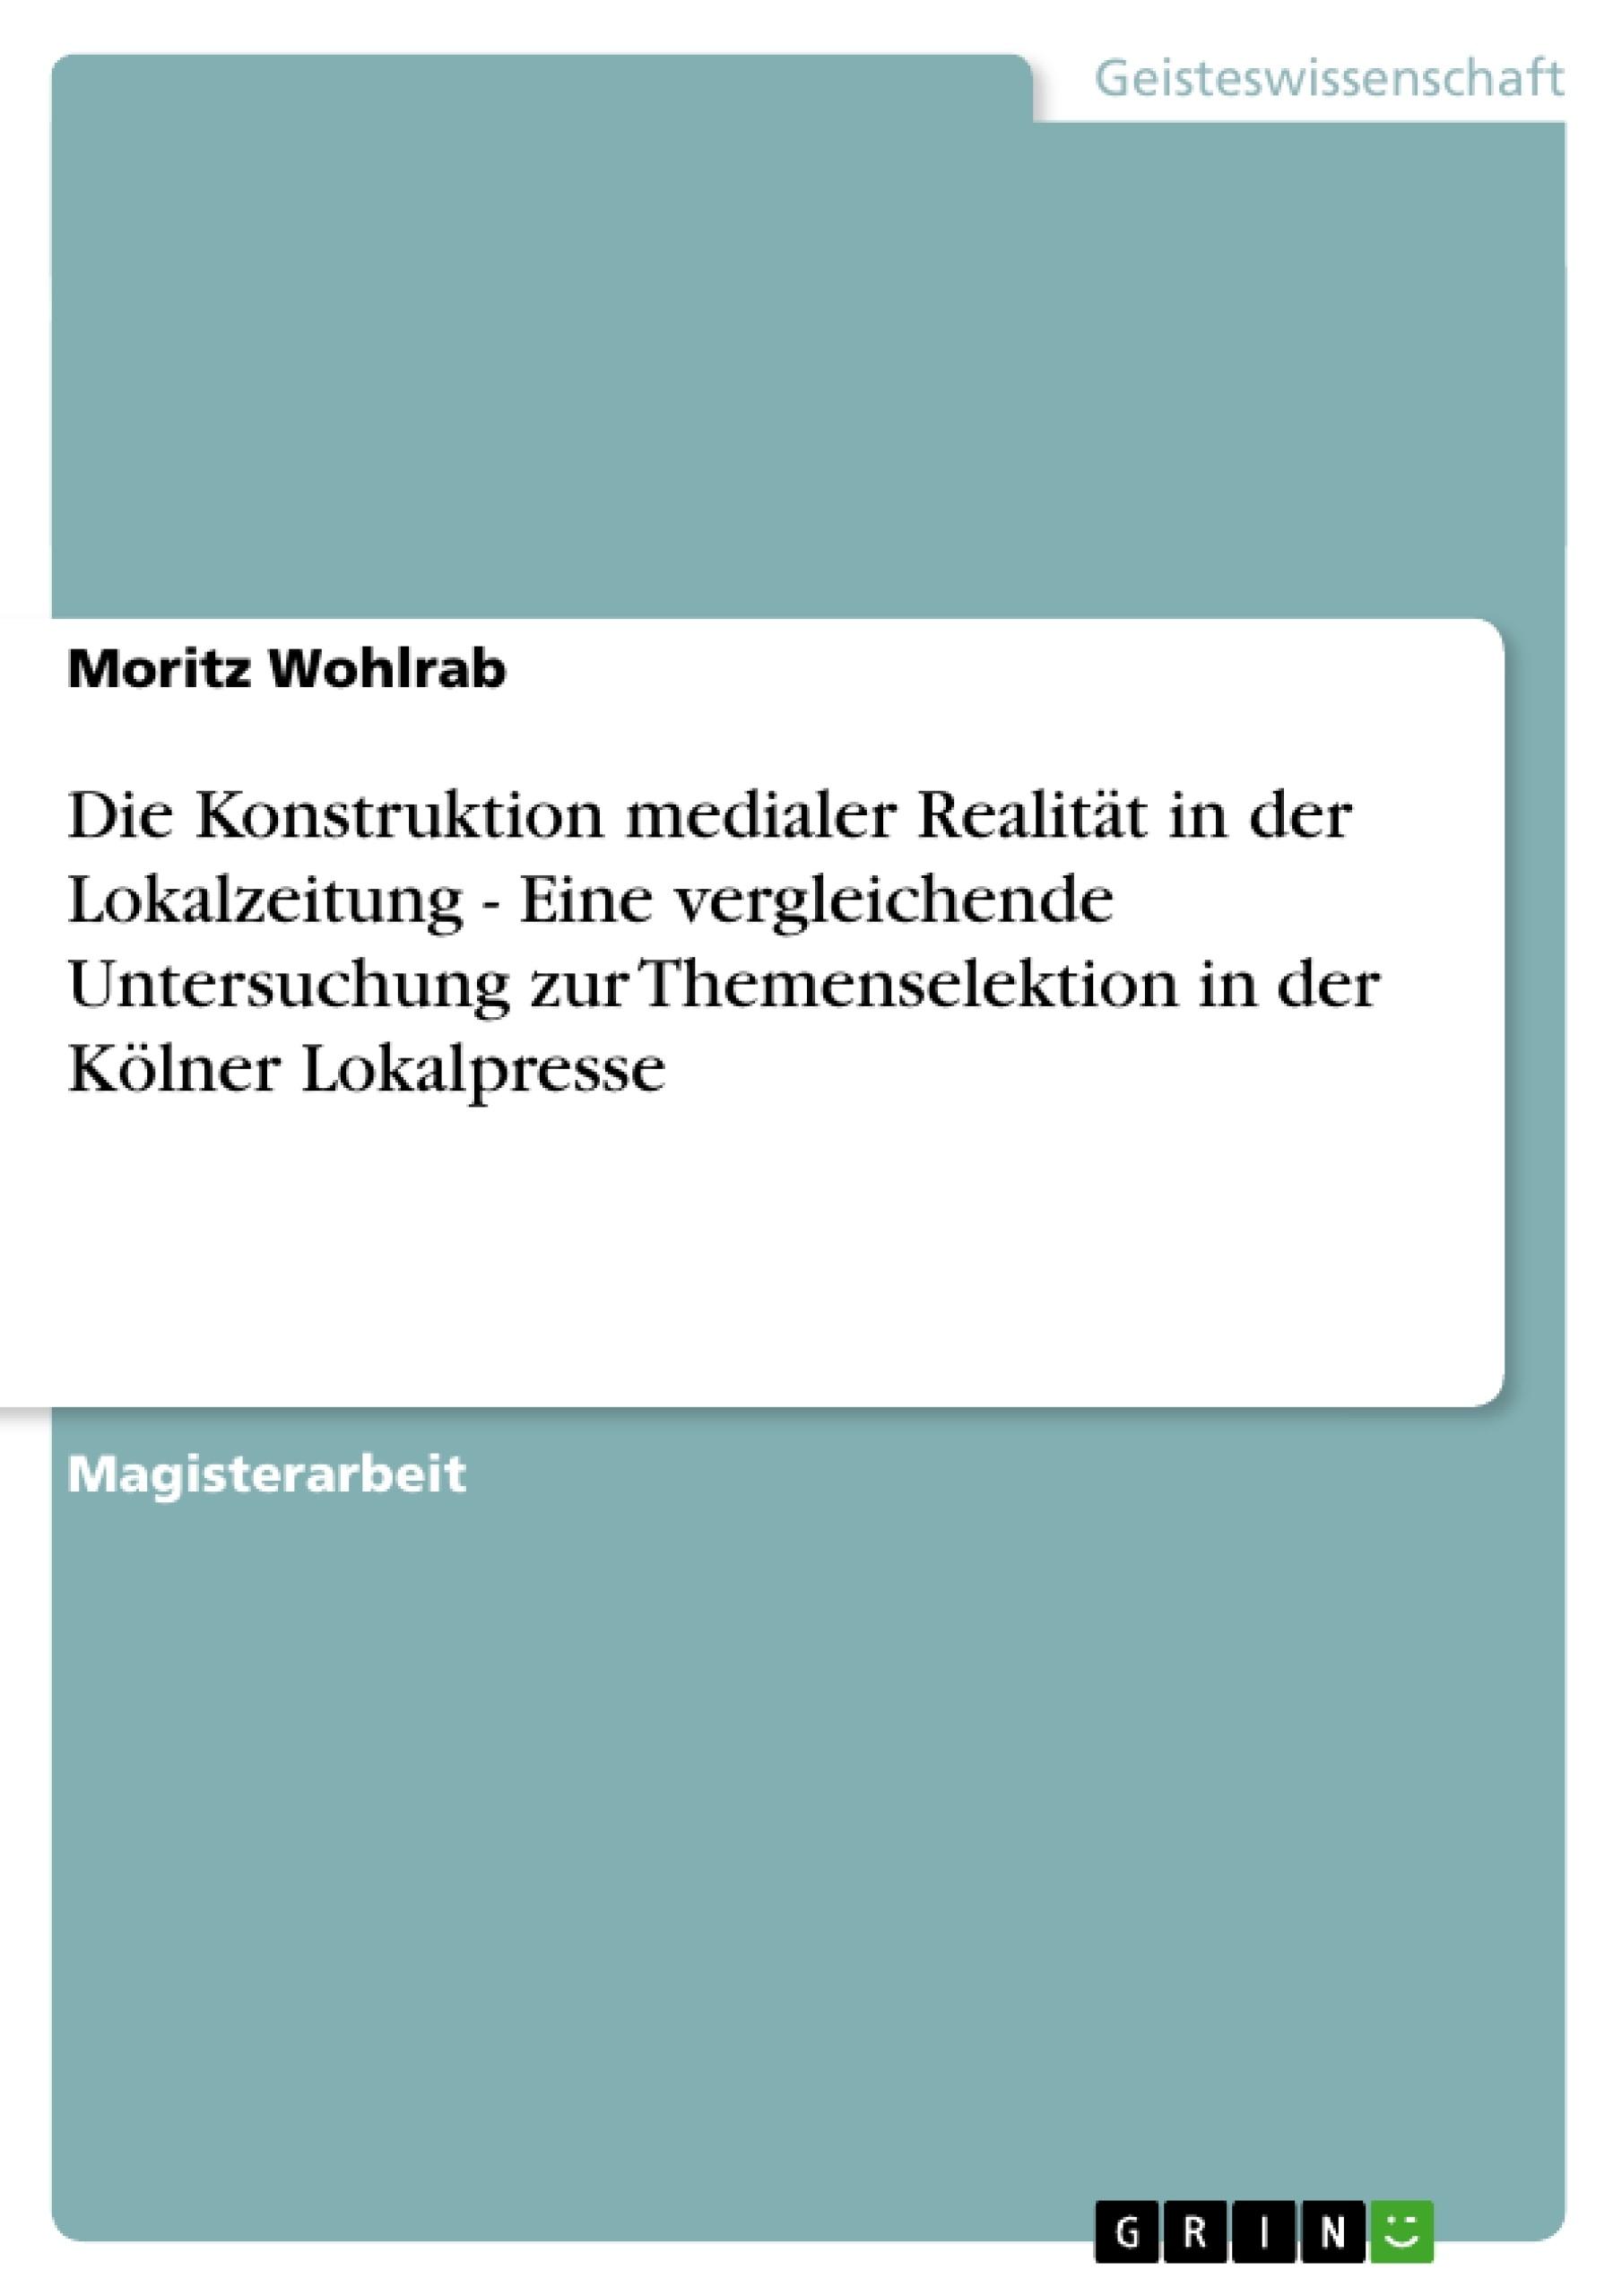 Titel: Die Konstruktion medialer Realität in der Lokalzeitung - Eine vergleichende Untersuchung zur Themenselektion in der Kölner Lokalpresse